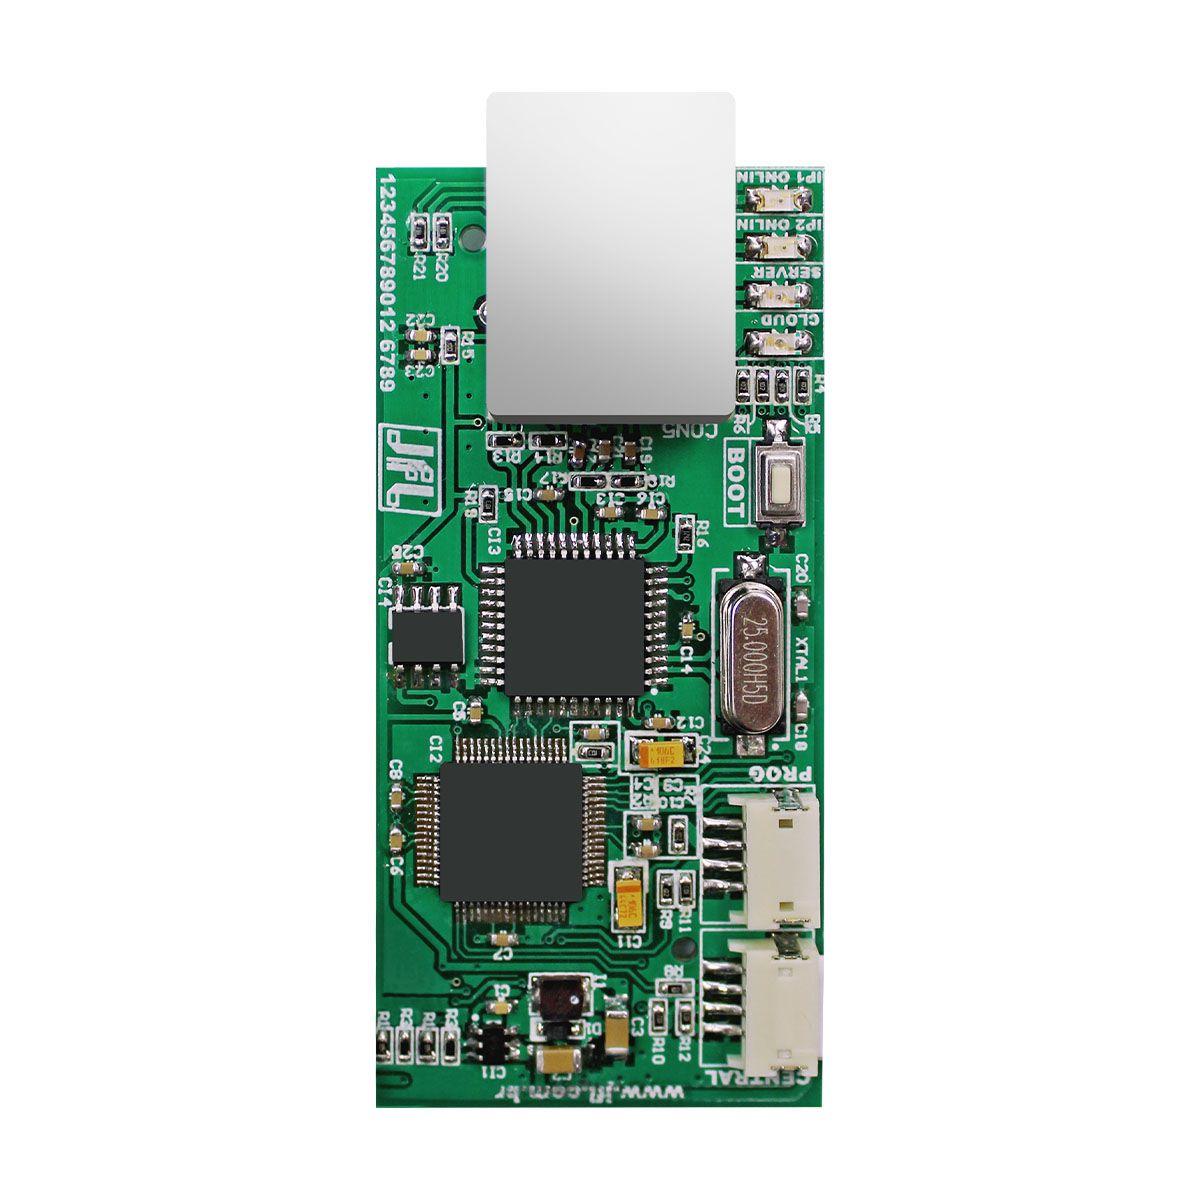 Kit Alarme Smartcloud 18 Jfl e Sensor Idx 1001 Shc Fit Jfl